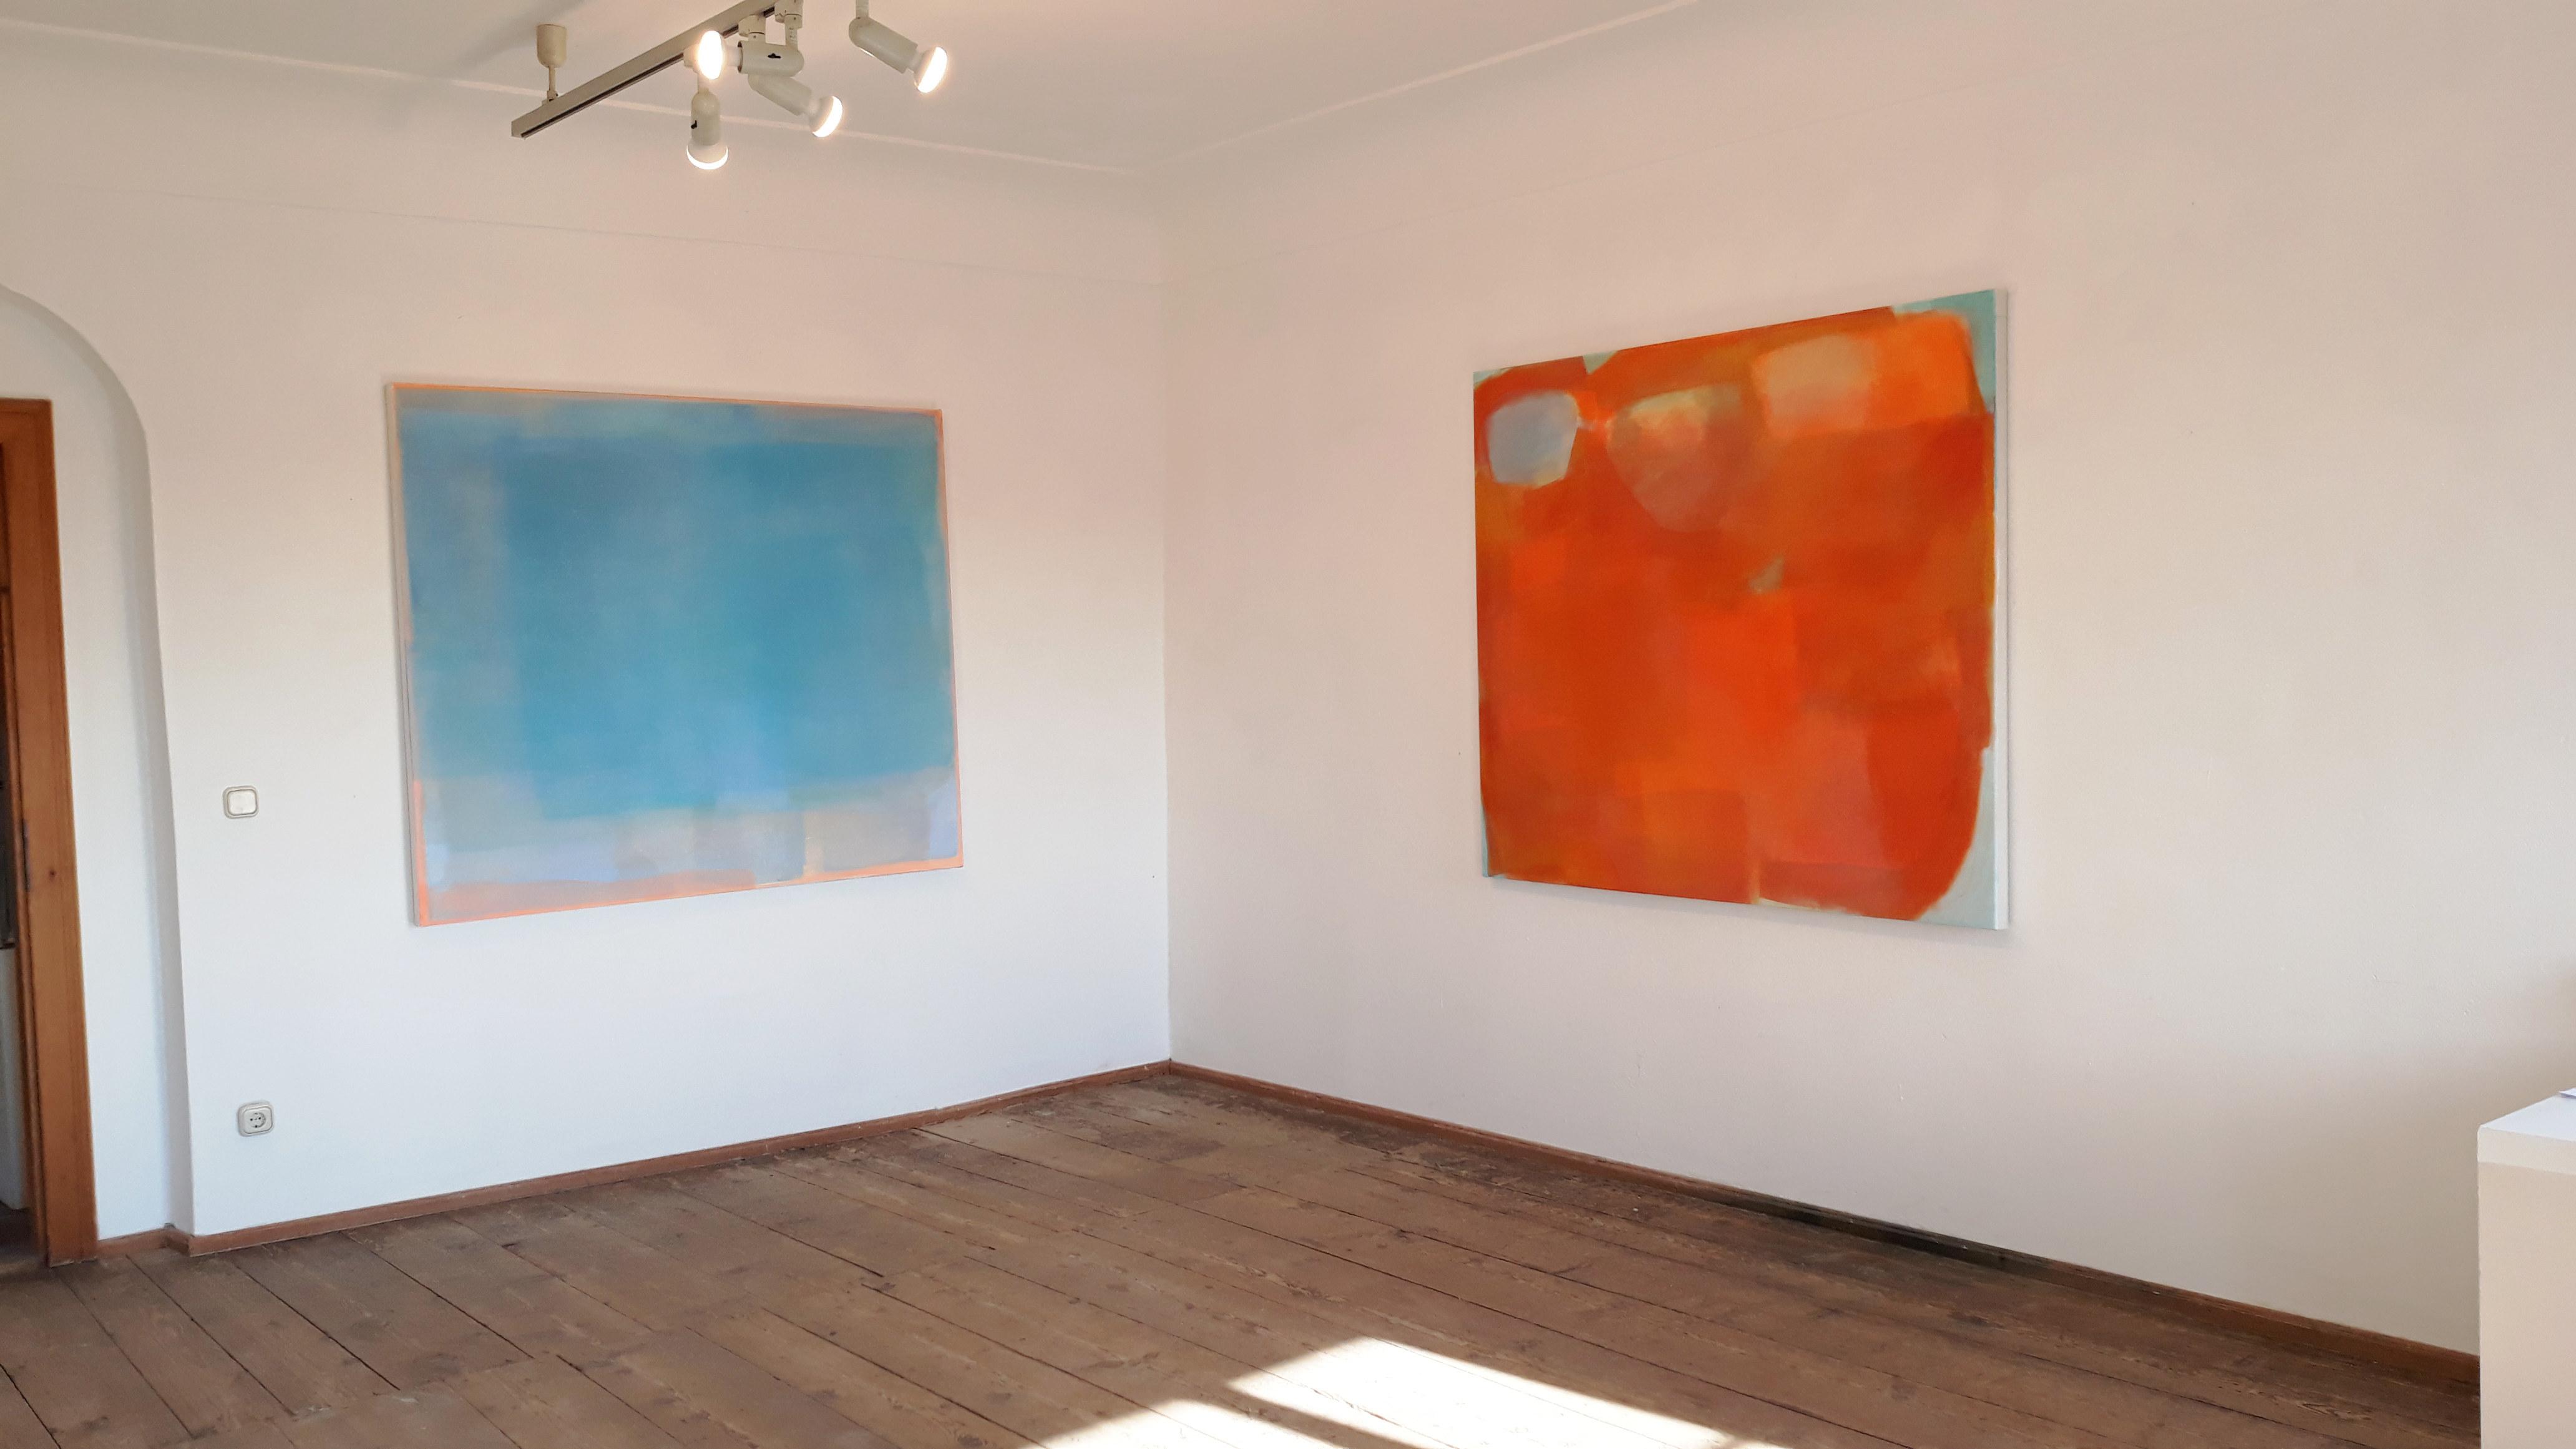 Raumansicht Ausstellung DIE BURG